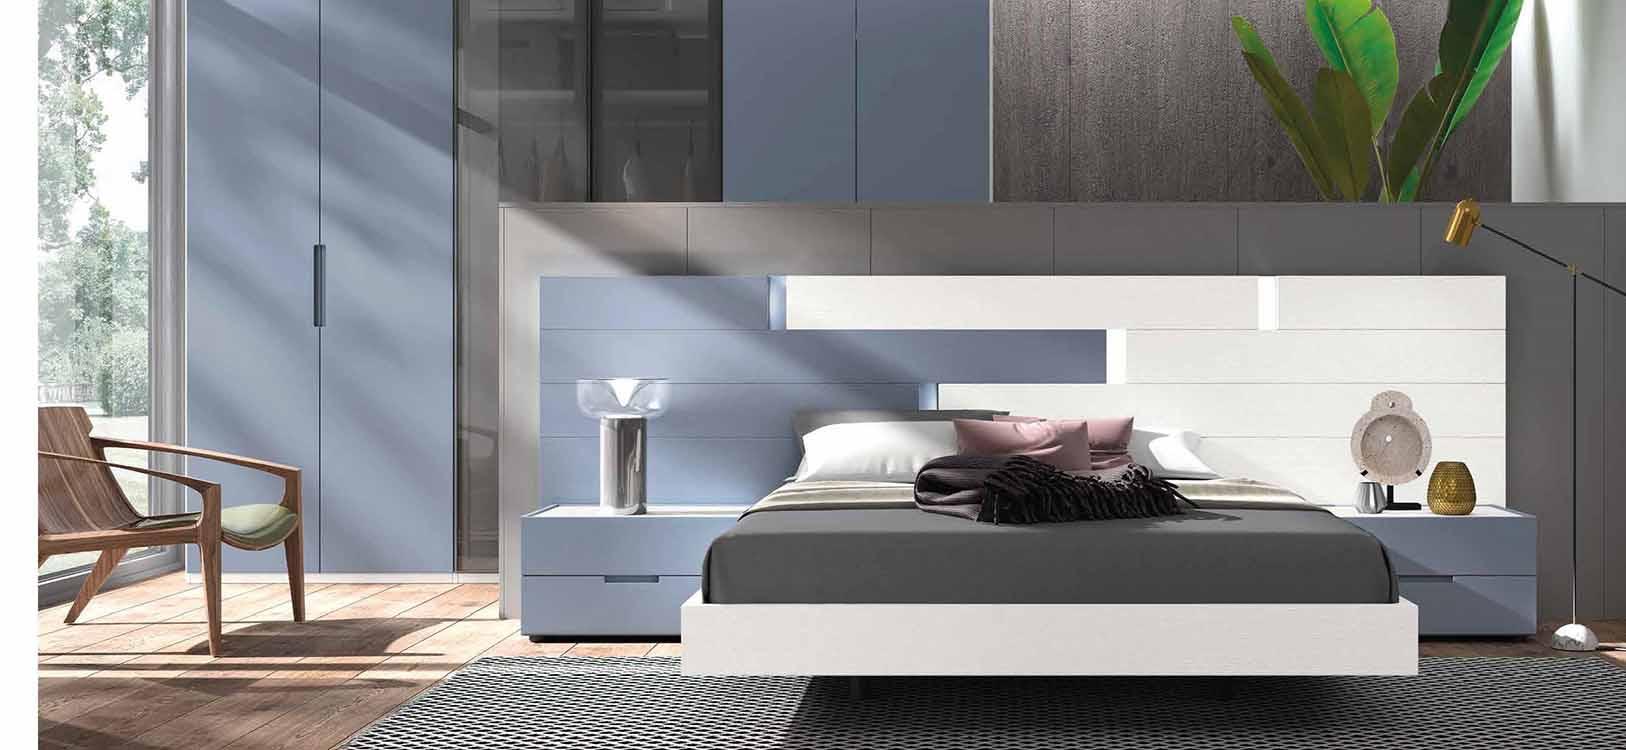 http://www.munozmuebles.net/nueva/catalogo/dormitorios-actuales.html - Mejores  muebles de acebo